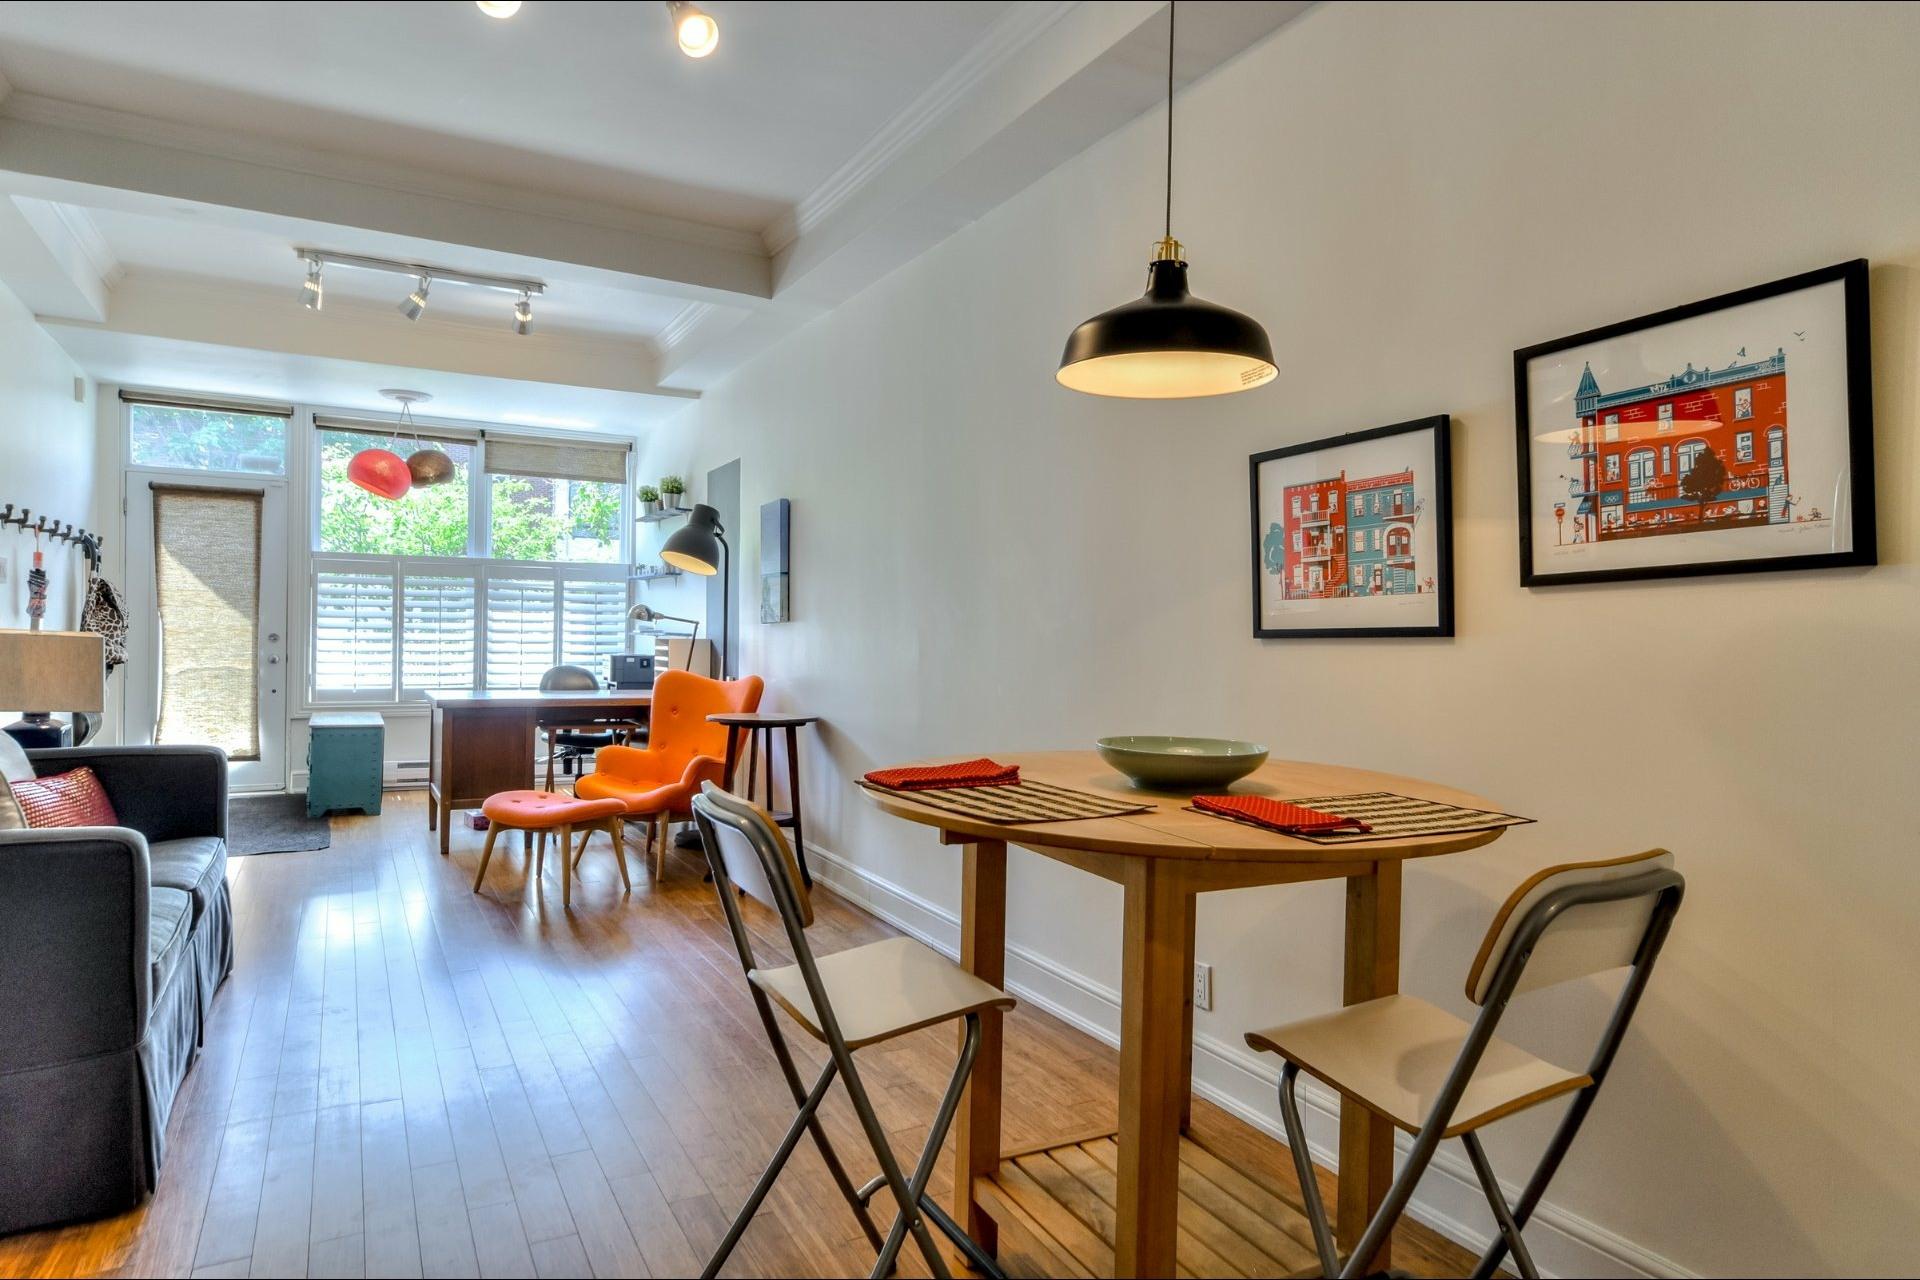 image 1 - Appartement À vendre Le Plateau-Mont-Royal Montréal  - 5 pièces